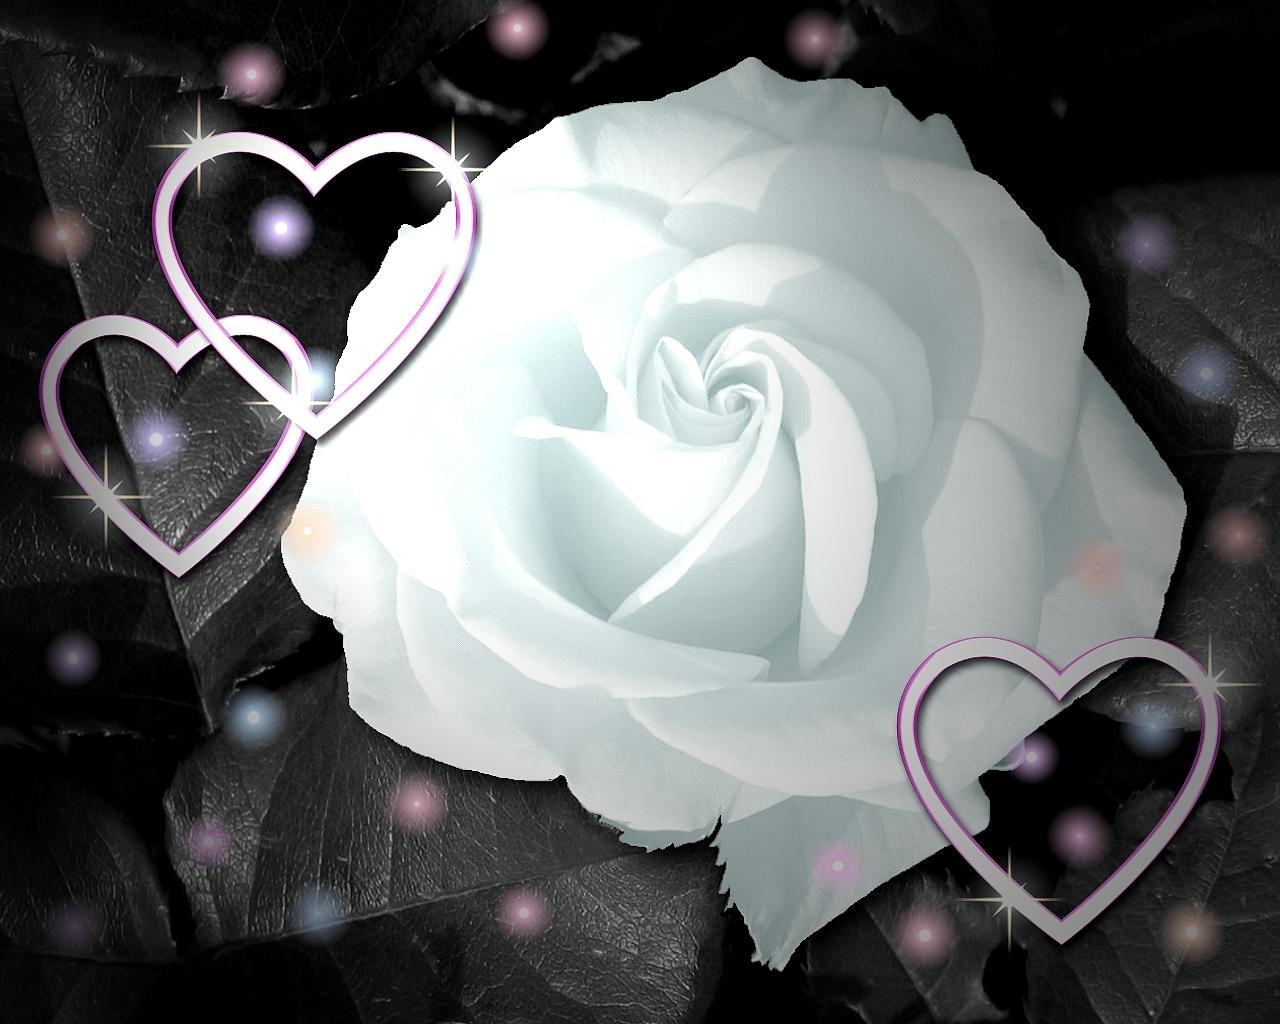 White Rose Flowers Wallpapers: Loving White Rose Flowers Wallpapers